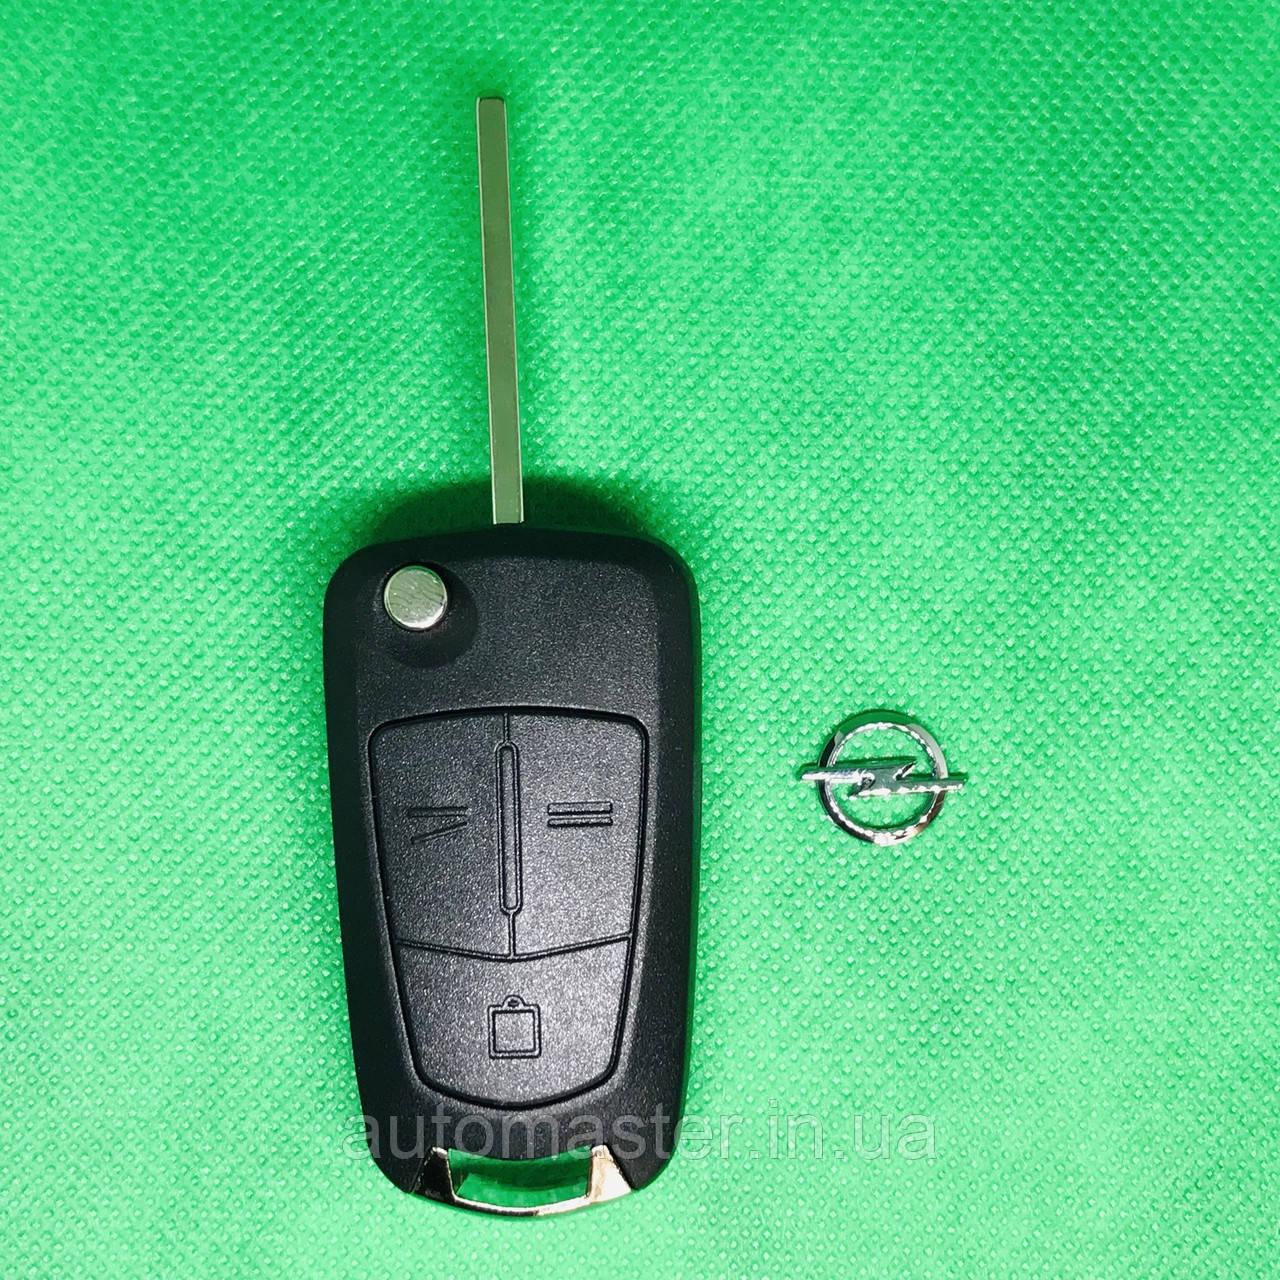 Корпус выкидного авто ключа OPEL VECTRA (Опель Вектра) 3 - кнопки, лезвие HU100